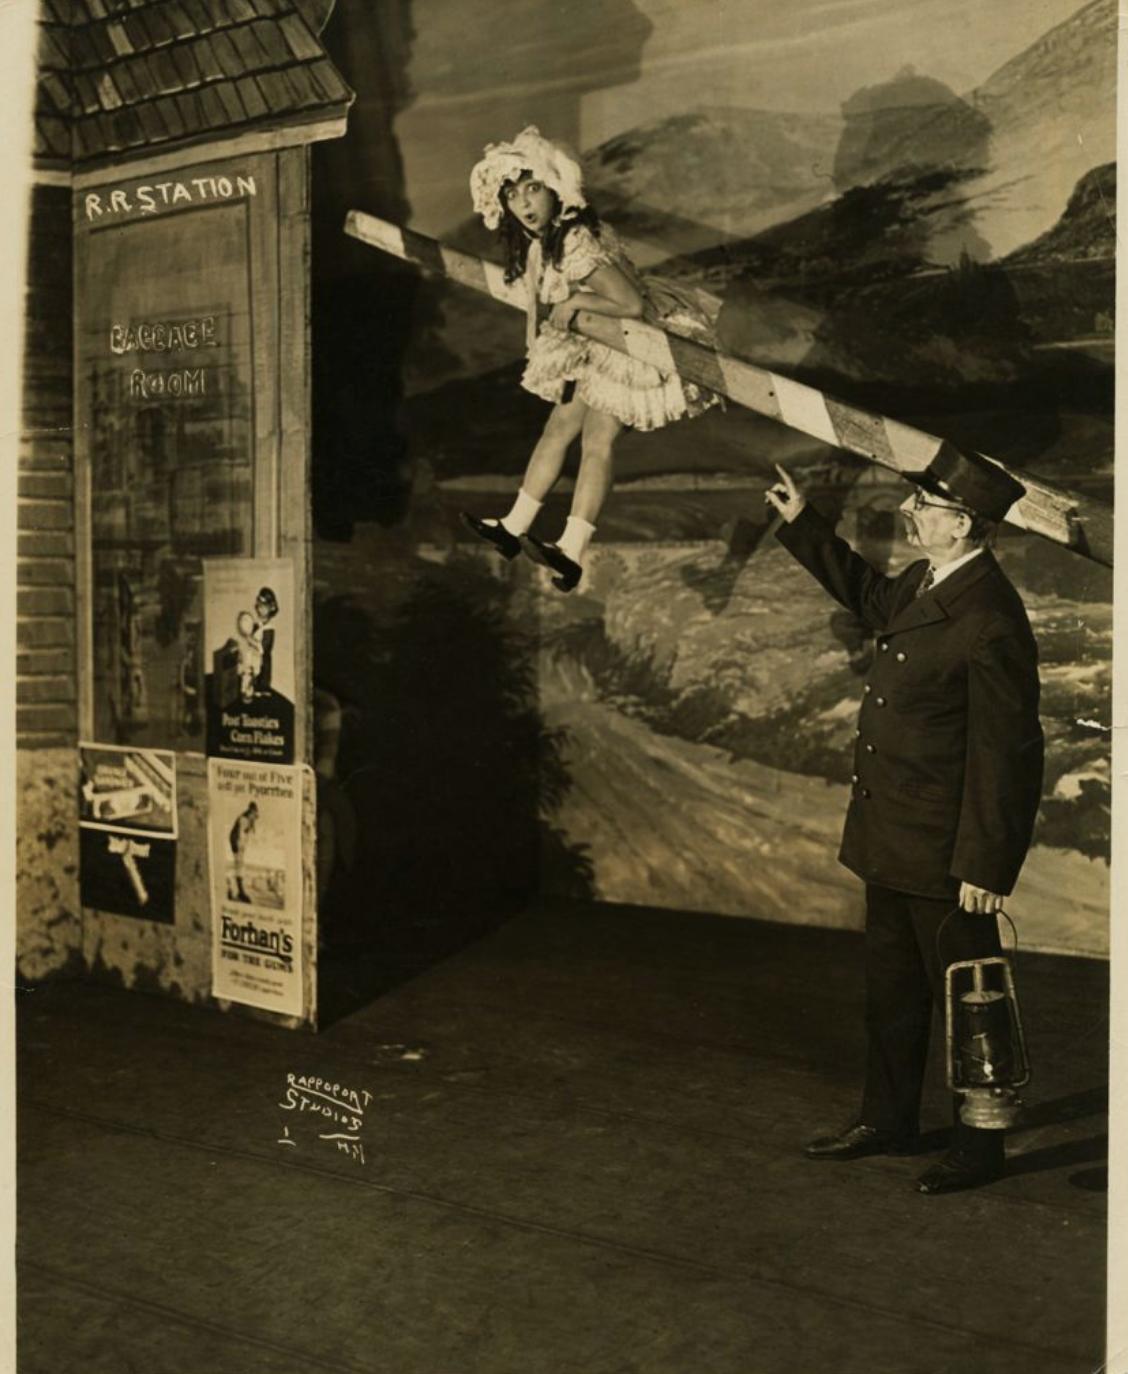 <p>Molly Picon in Circus Girl,&nbsp;1928</p>